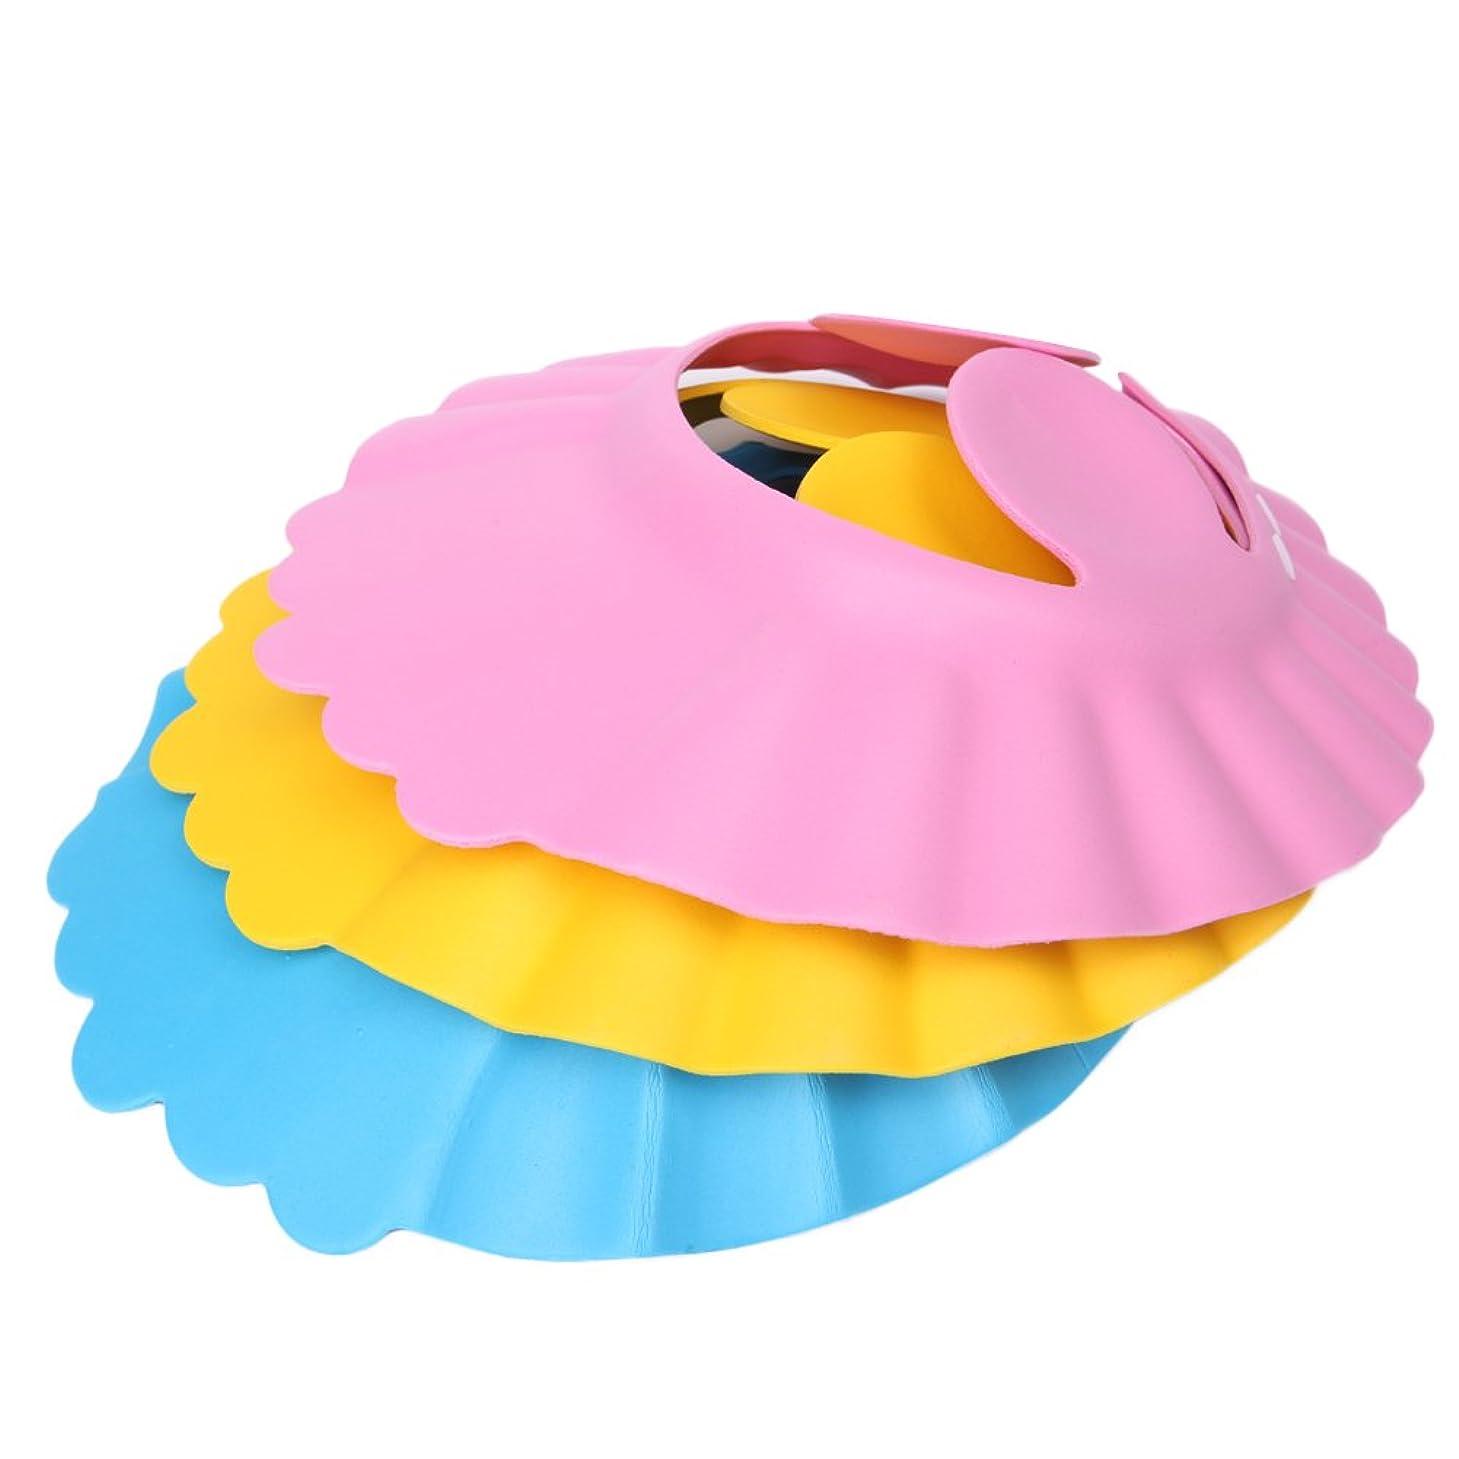 読書付与ただSimpleLifeベビーキッズシャワーキャップ、調整可能1ピース×シャンプーシールドシャワー入浴保護ソフトキャップハット(ランダムカラー)